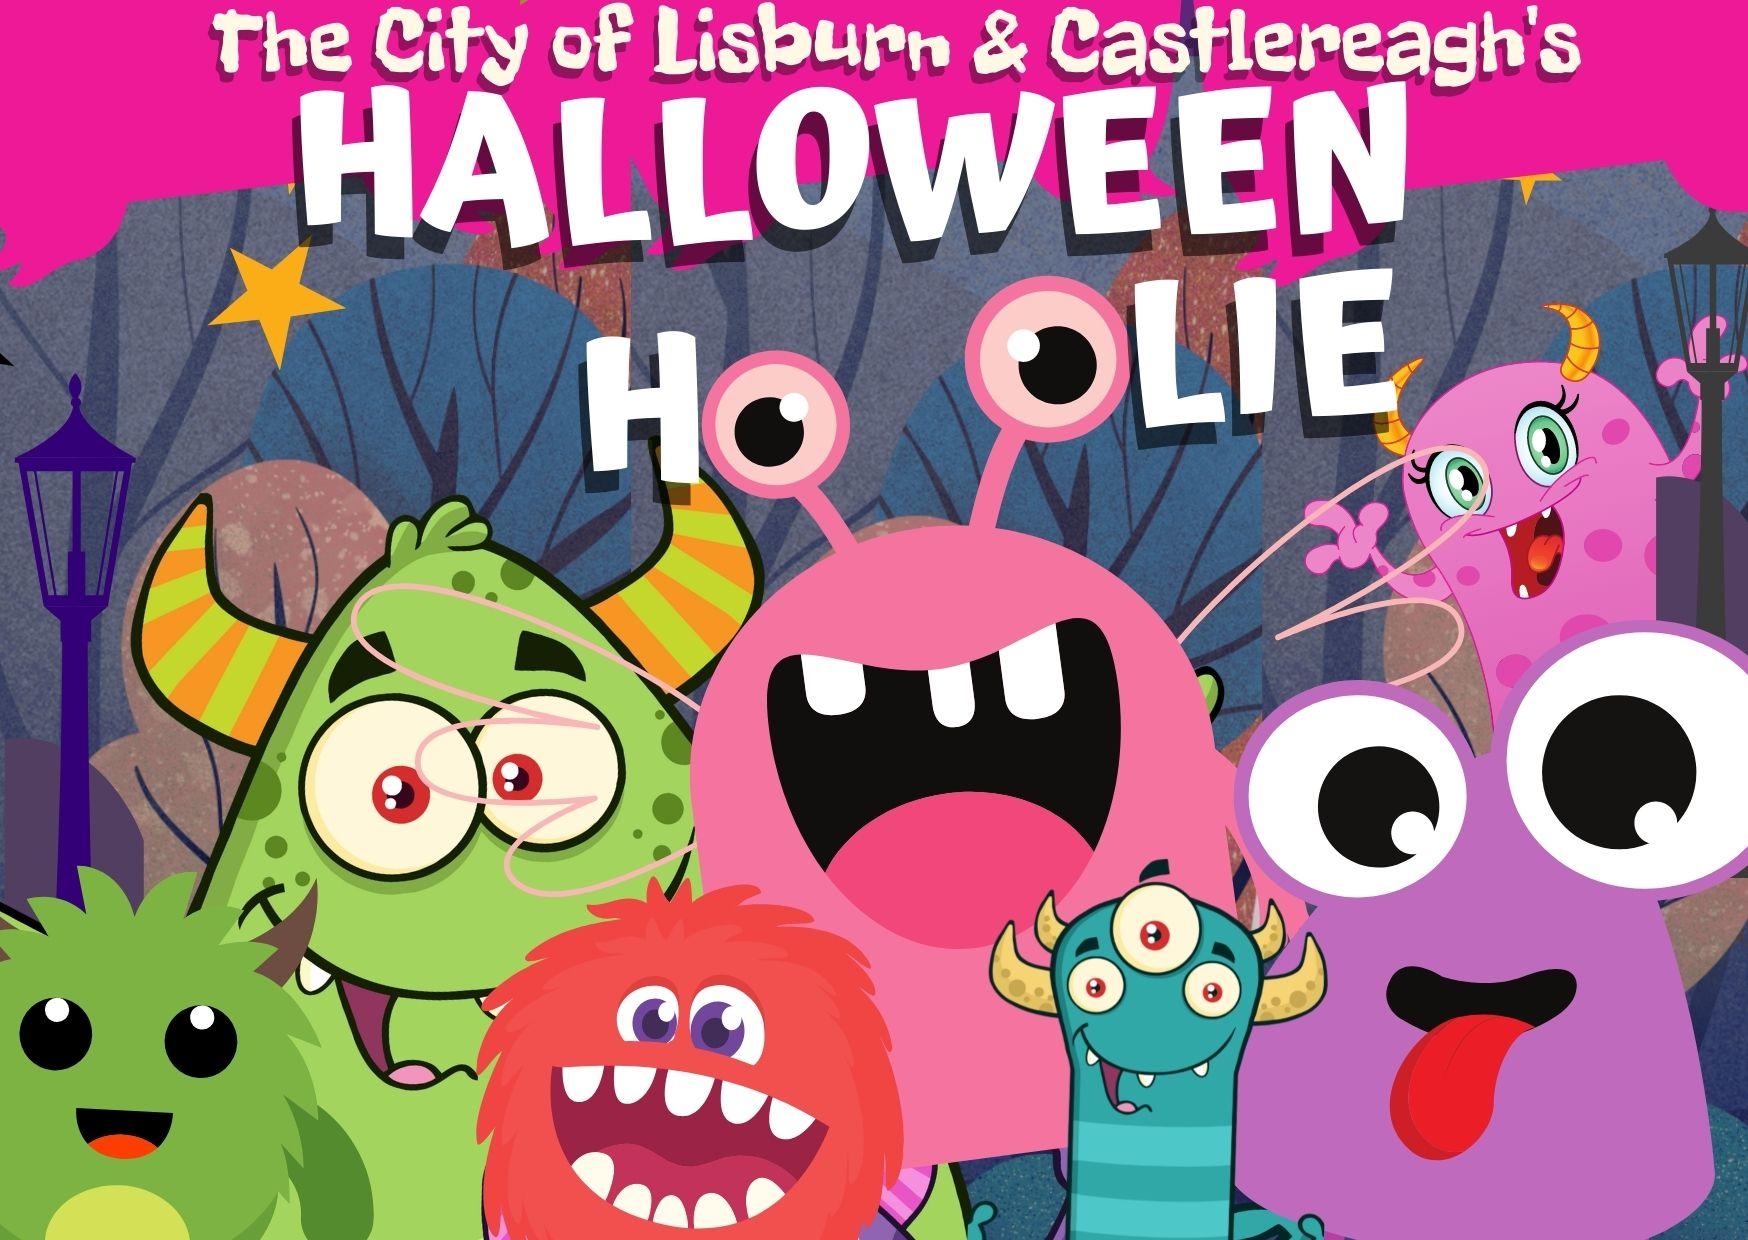 The City of Lisburn & Castlereagh's Halloween Hoolie